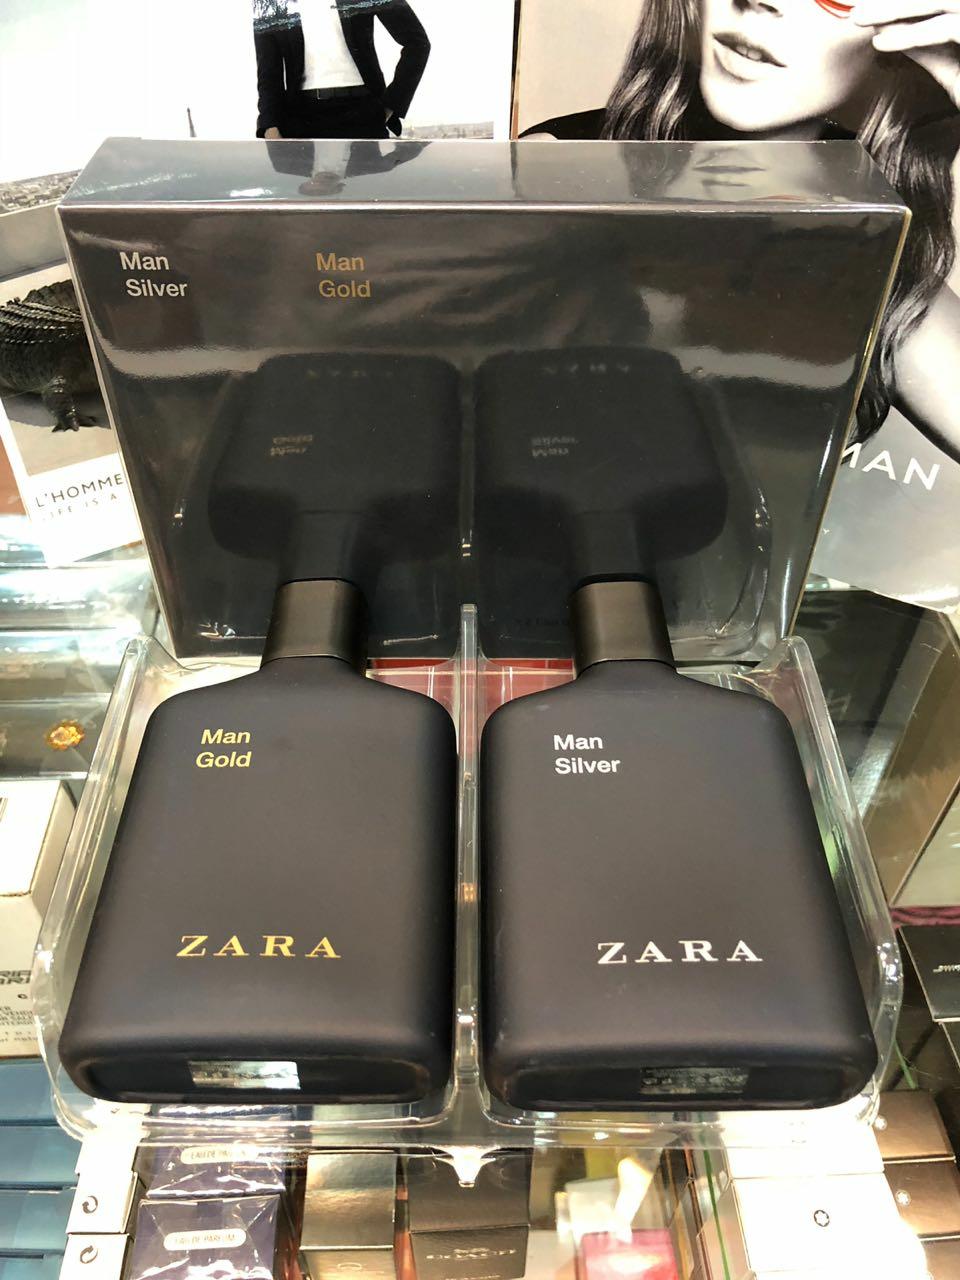 Original Man Jual Zara Isi Parfum Dan Silver Gold 2pcs NwkXZn08OP